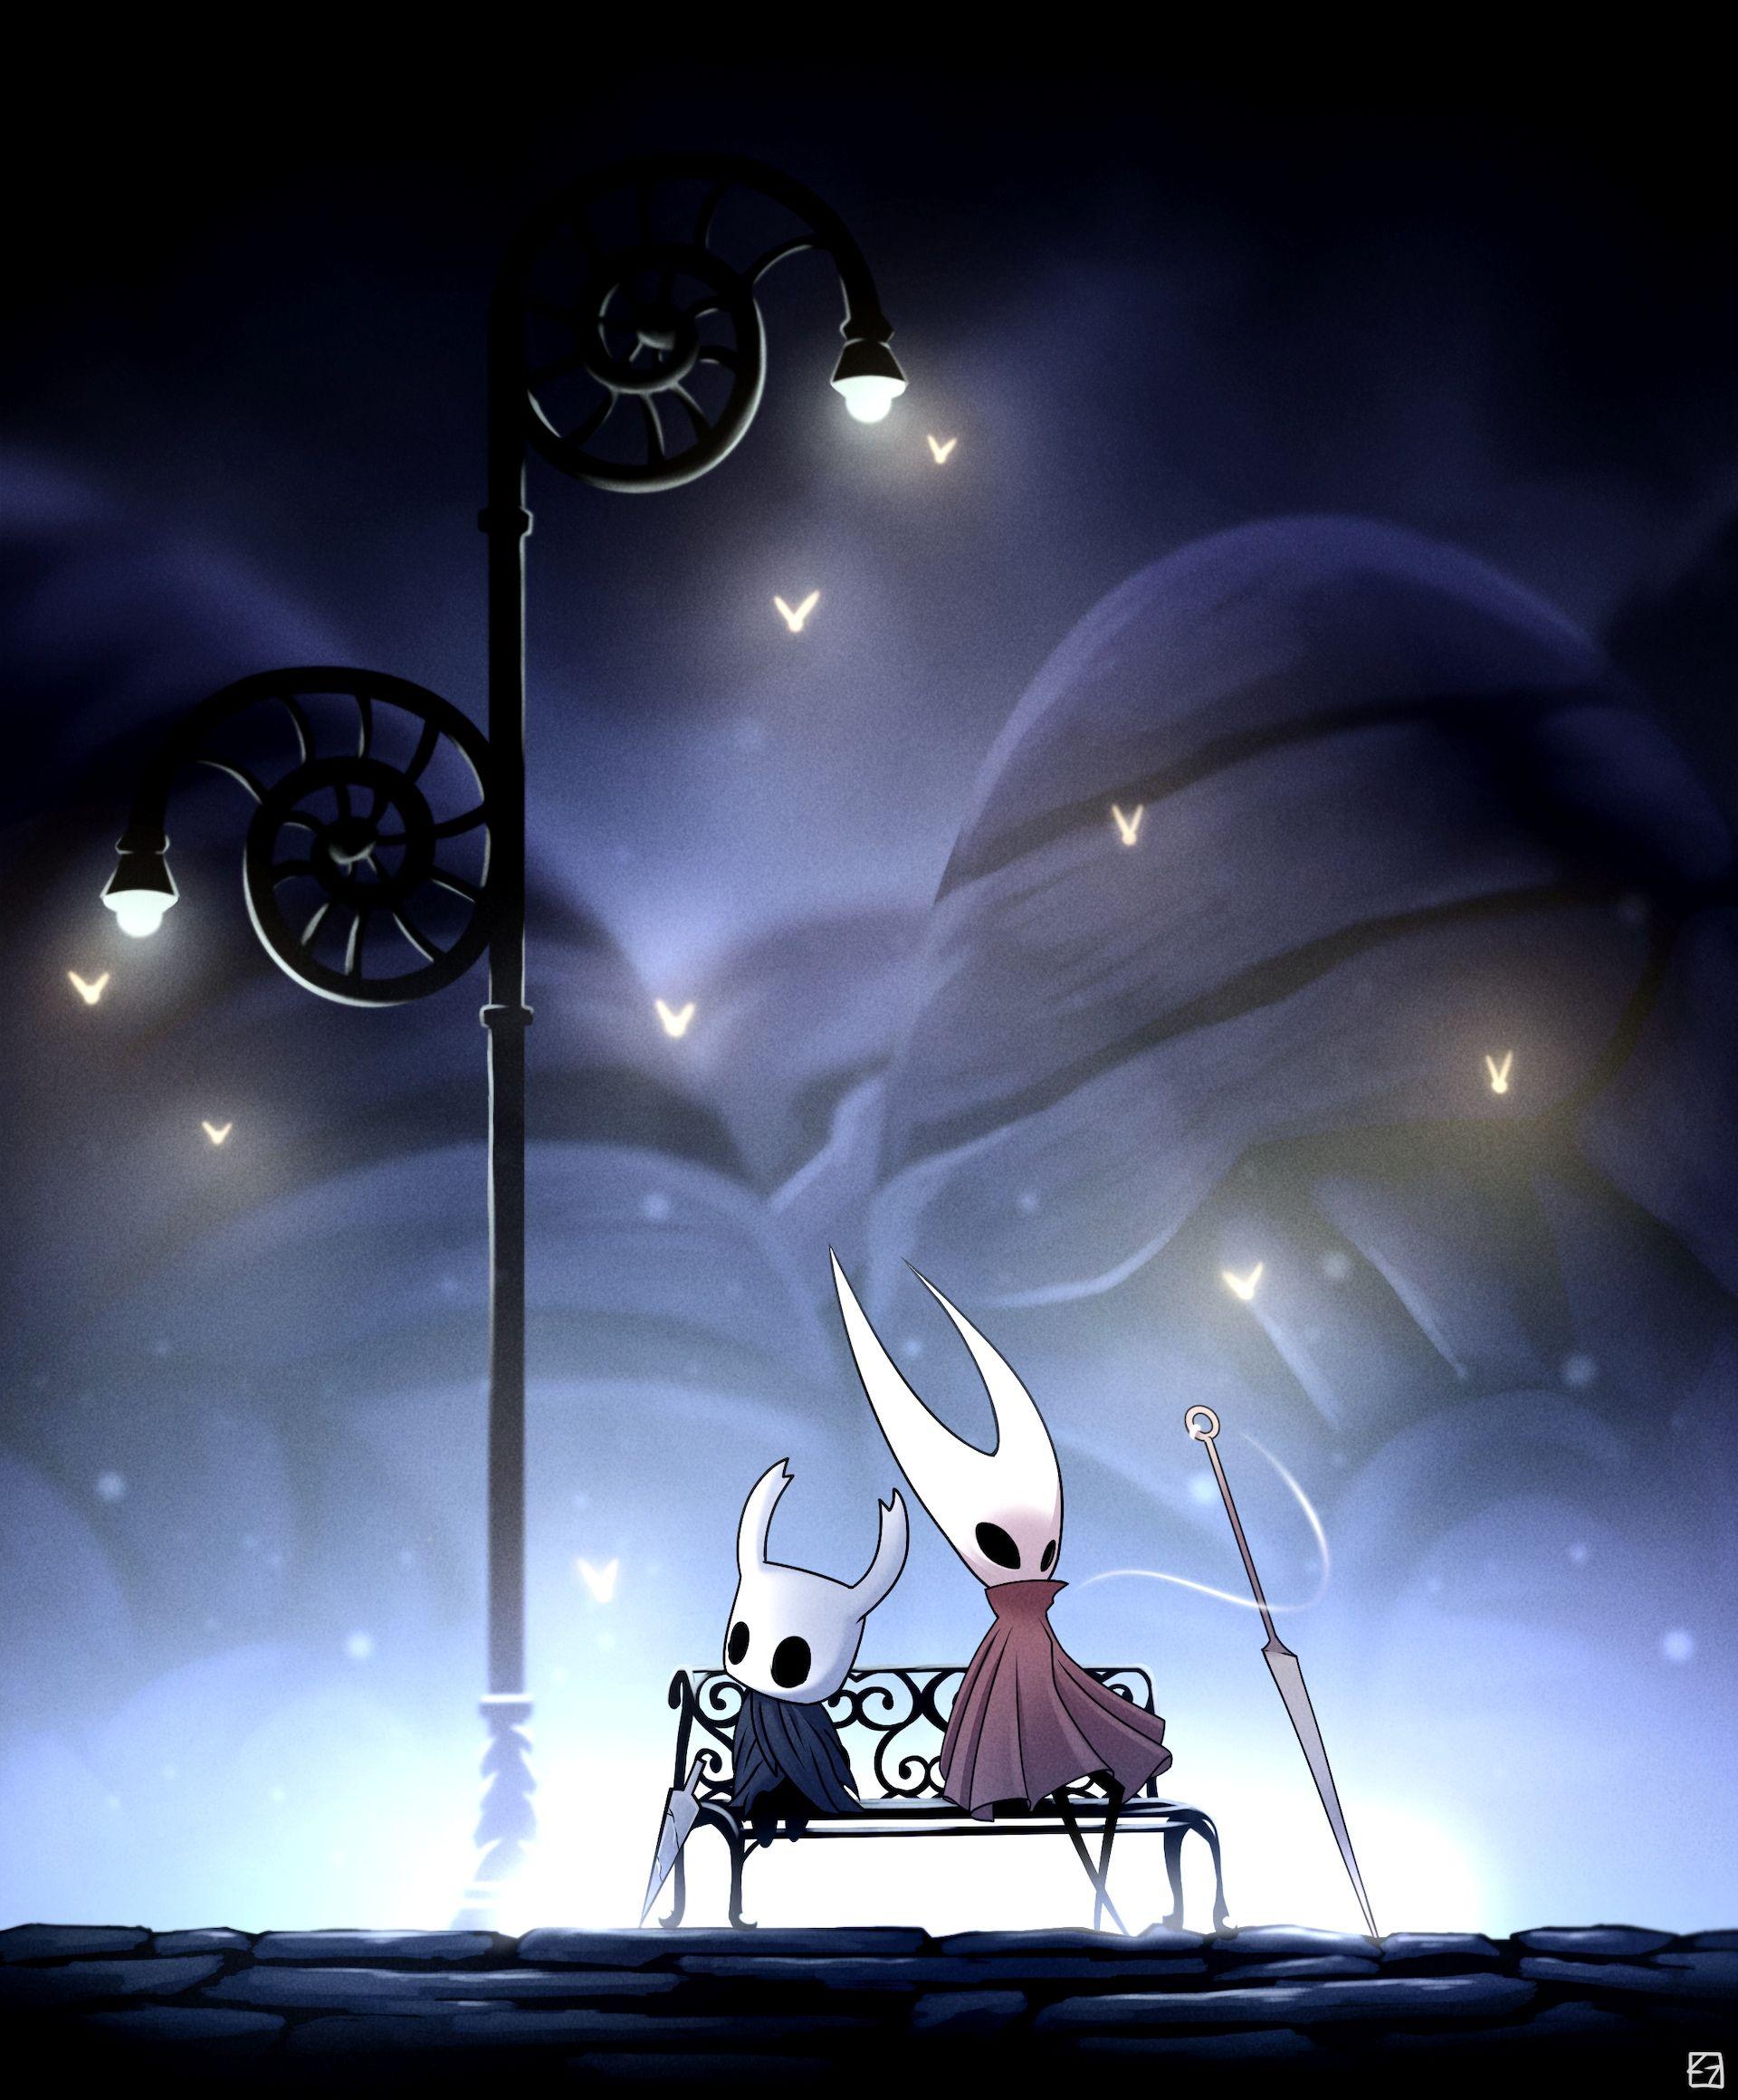 Comunidade Steam Hollow Knight Hollow Night Knight Knight Art